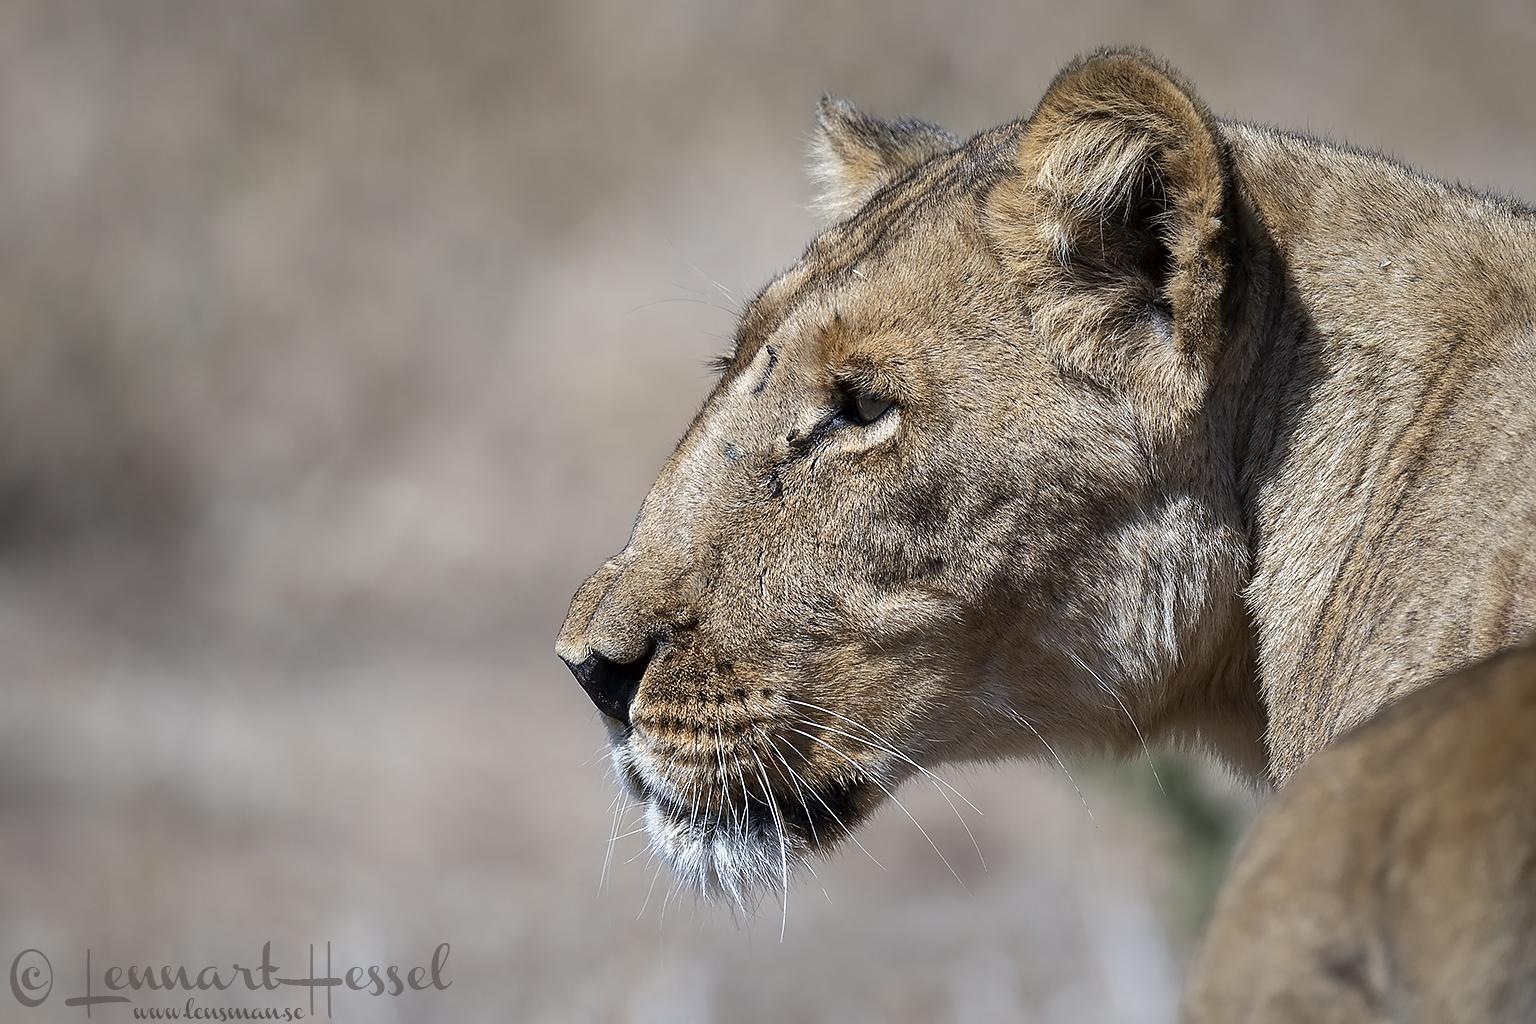 Lioness Mana Pools National Park Zimbabwe